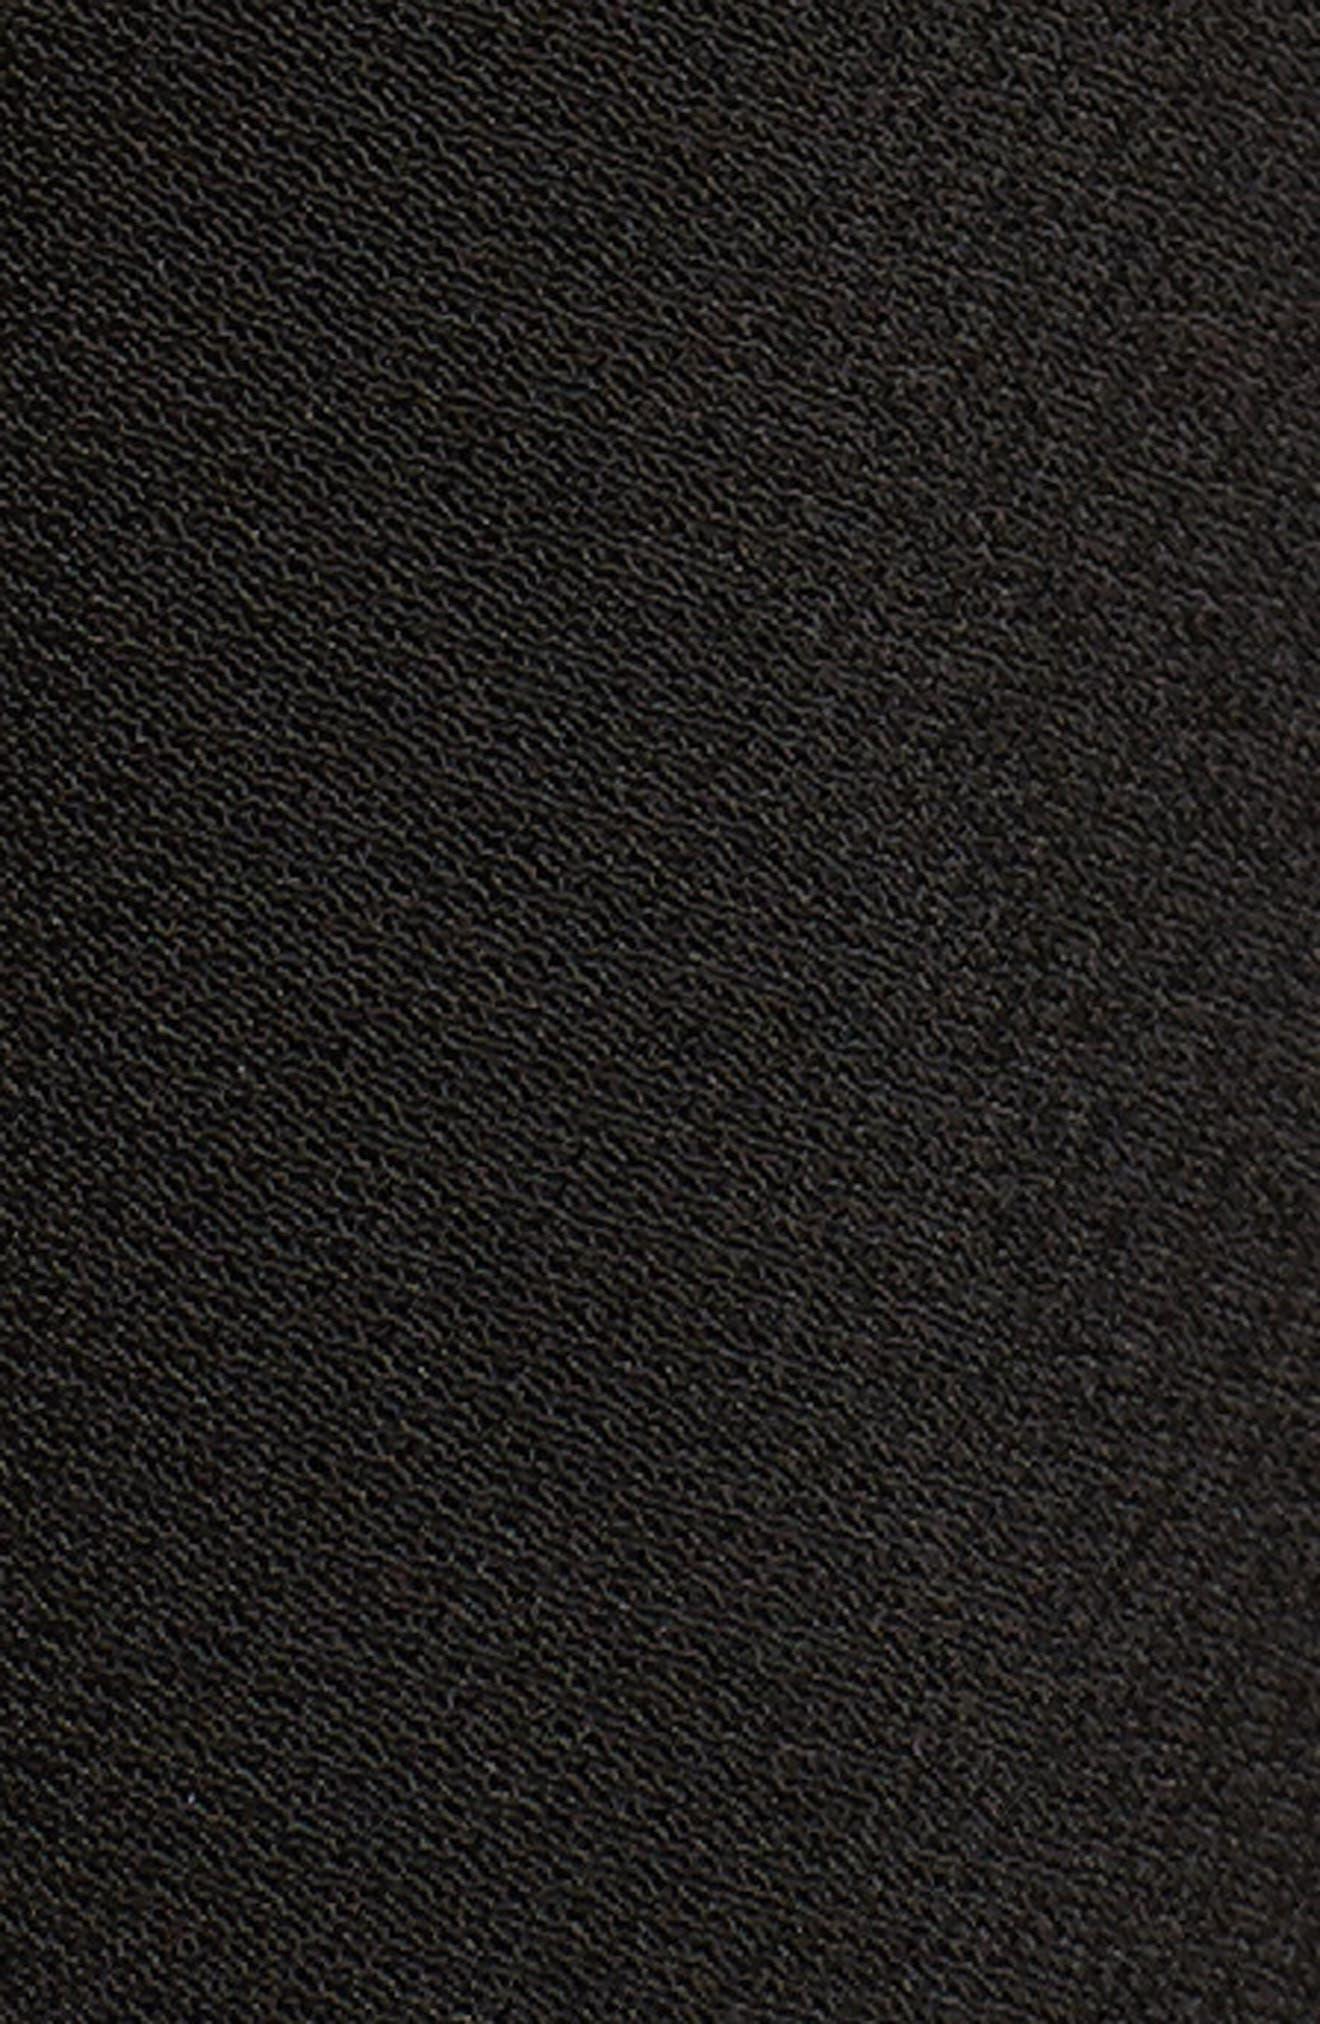 Peplum Tank,                             Alternate thumbnail 5, color,                             Black